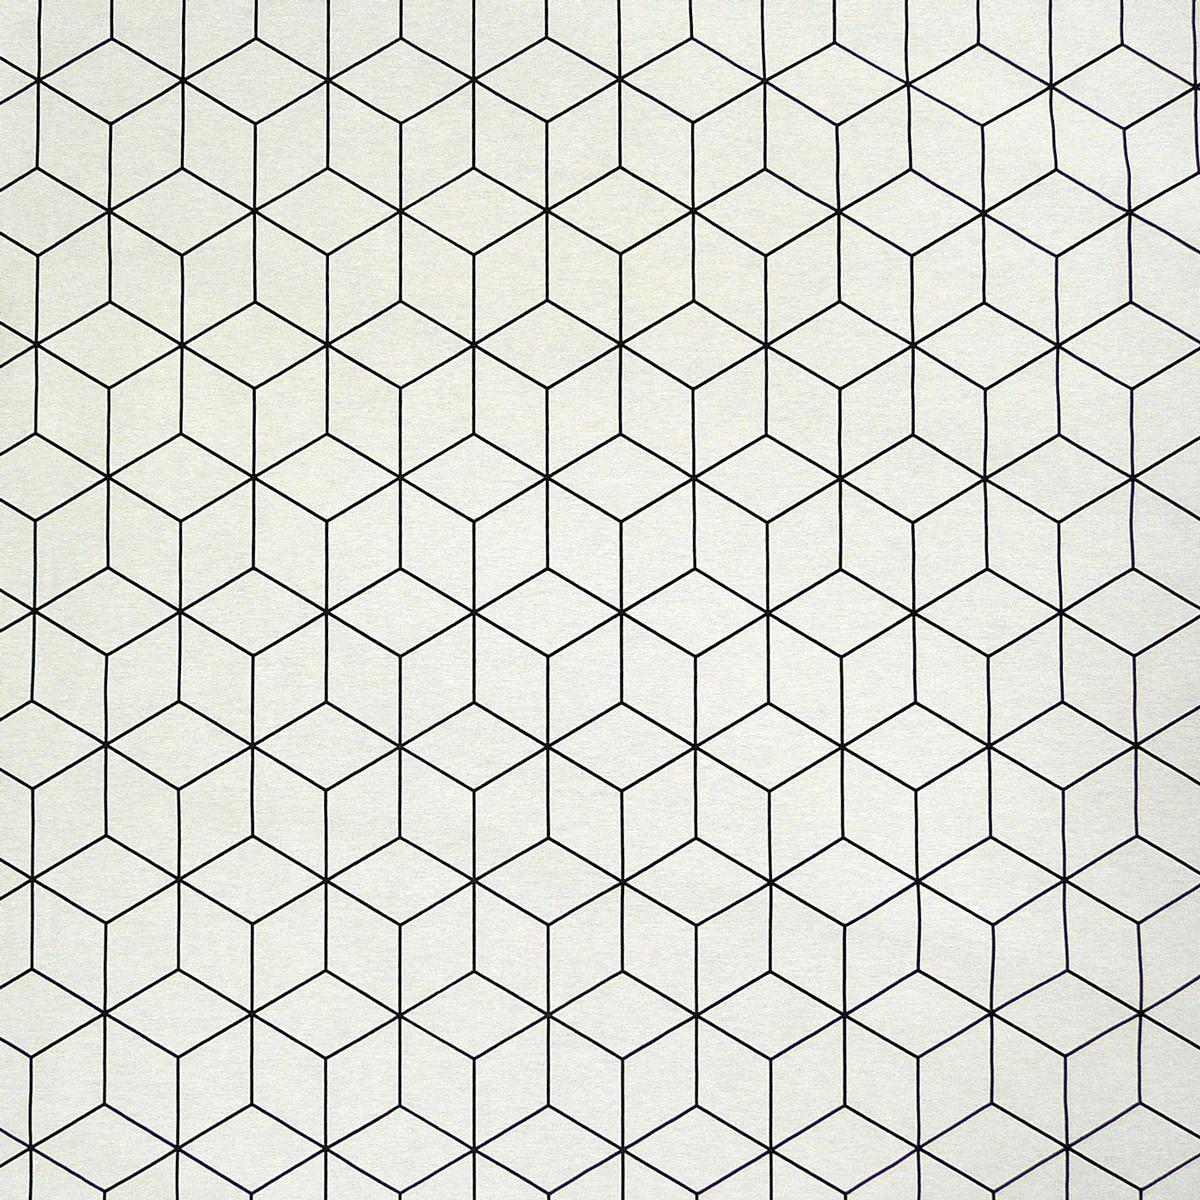 dekostoff geometrisches muster cremewei schwarz 138cm meine der gardinen. Black Bedroom Furniture Sets. Home Design Ideas